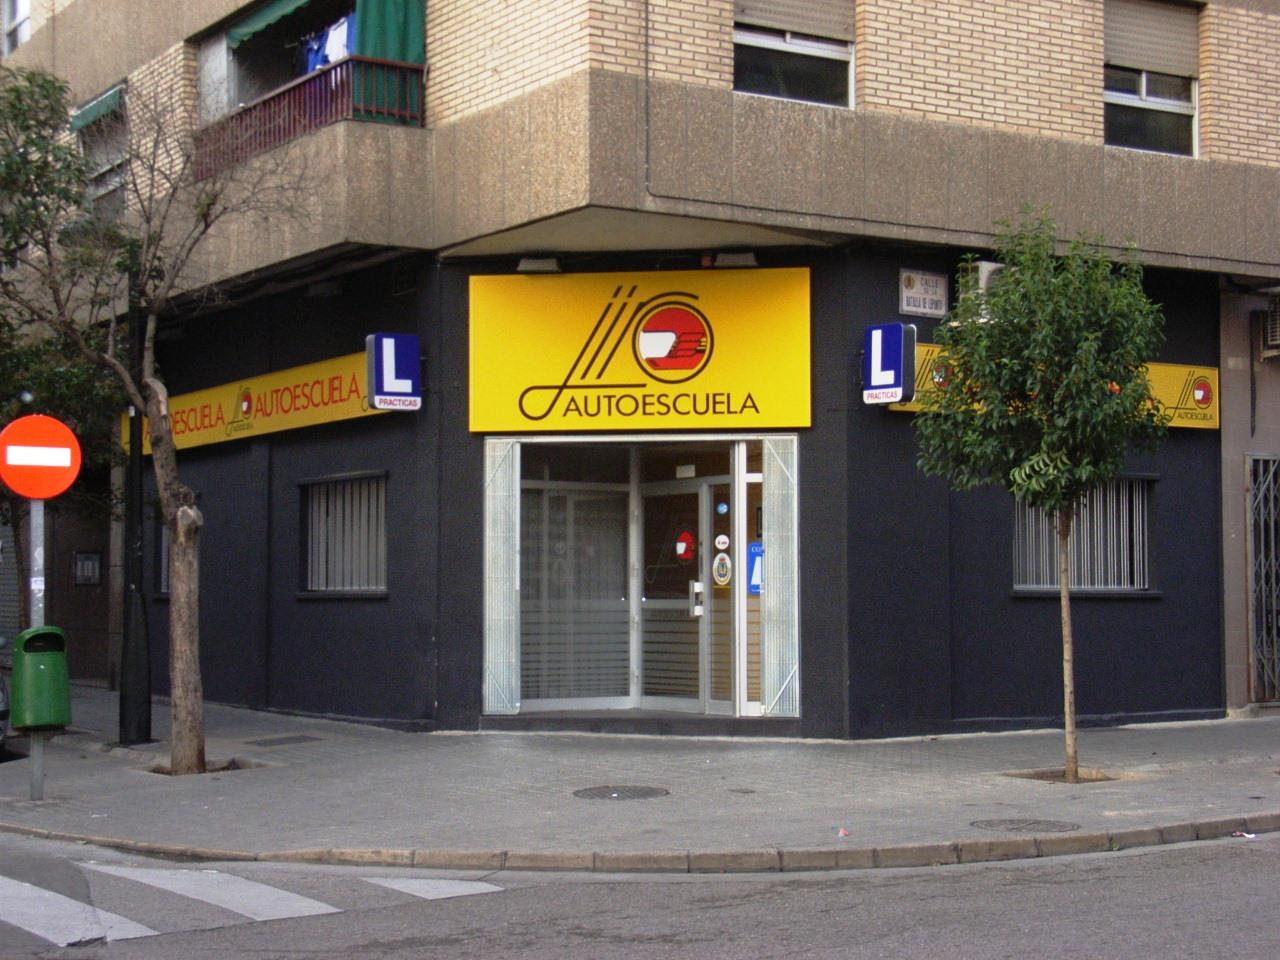 Autoescuela Jiro Las Fuentes